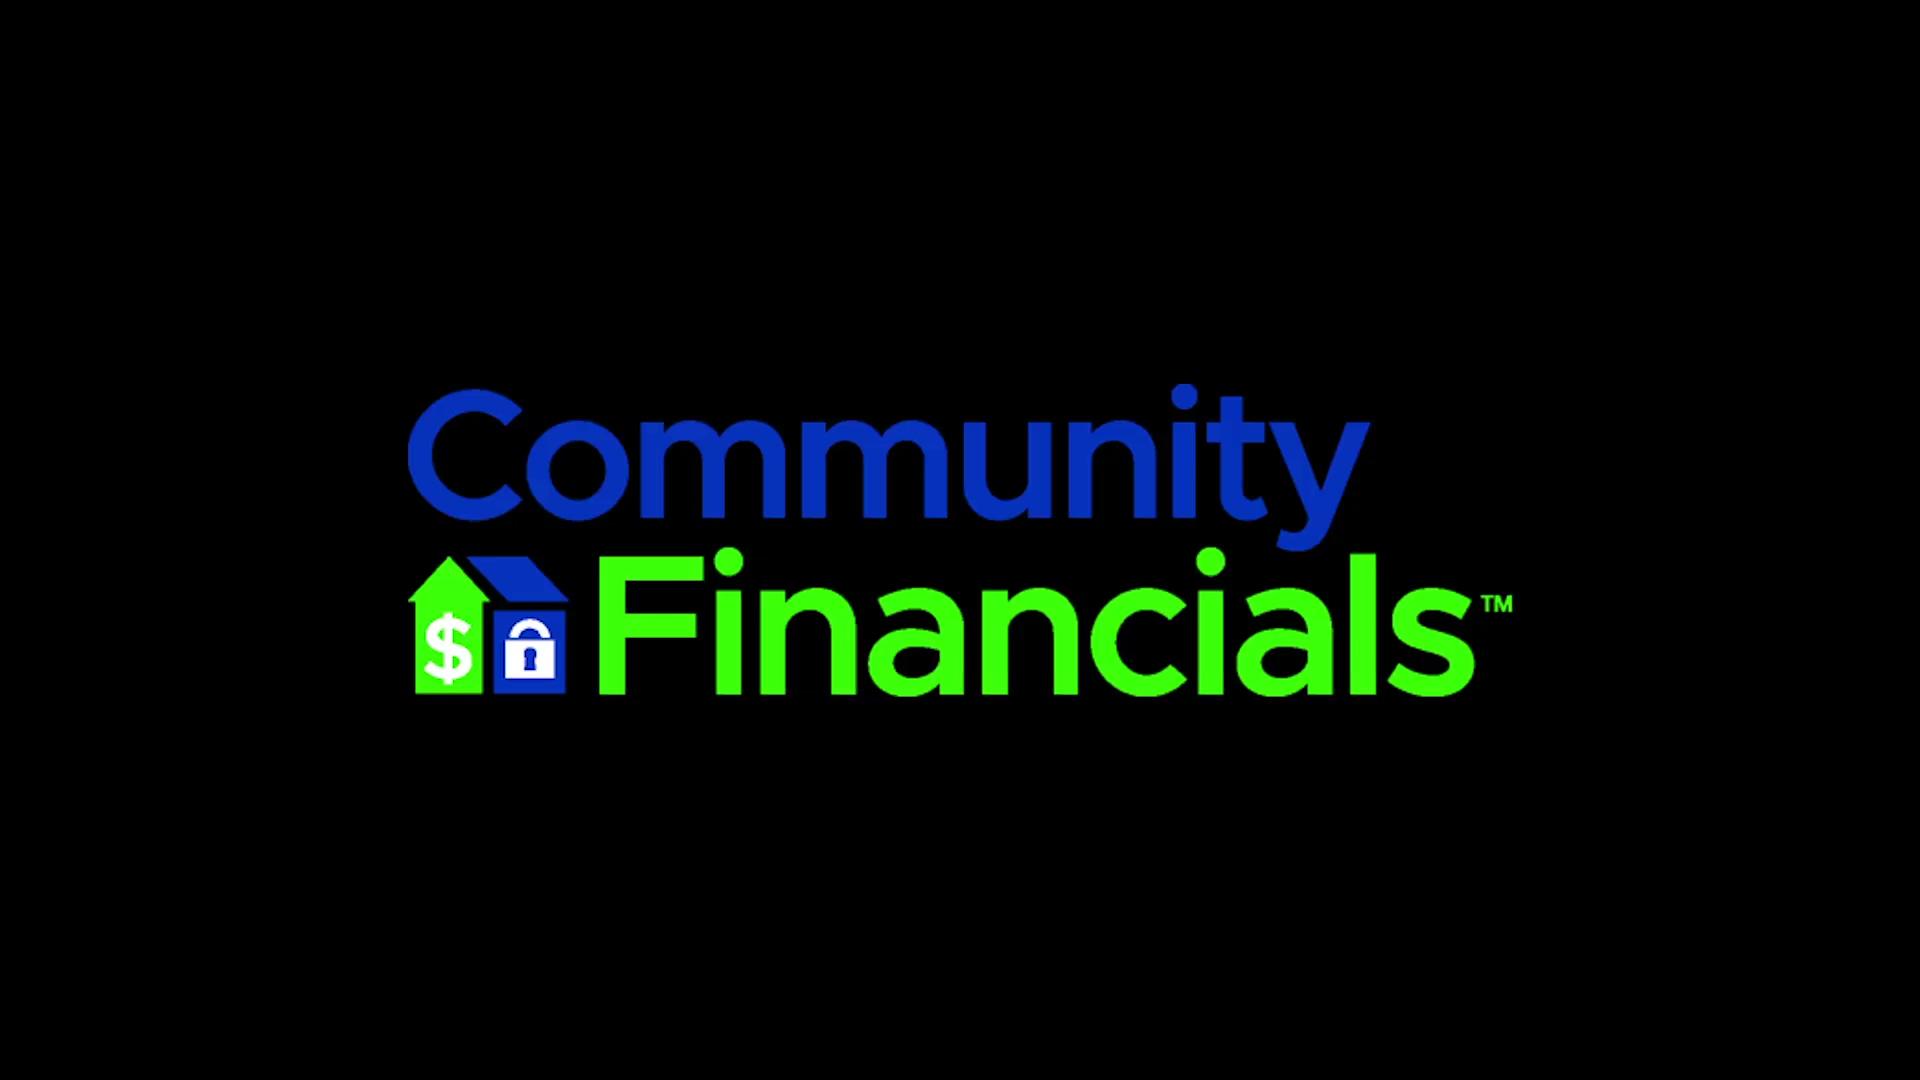 Community Financials Explainer Video Final